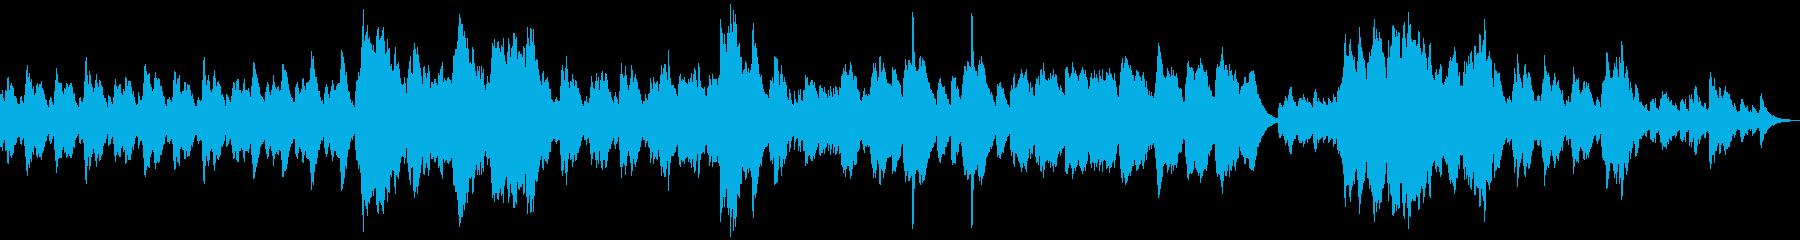 寂しい風の吹くサスペンス/オルゴールの再生済みの波形